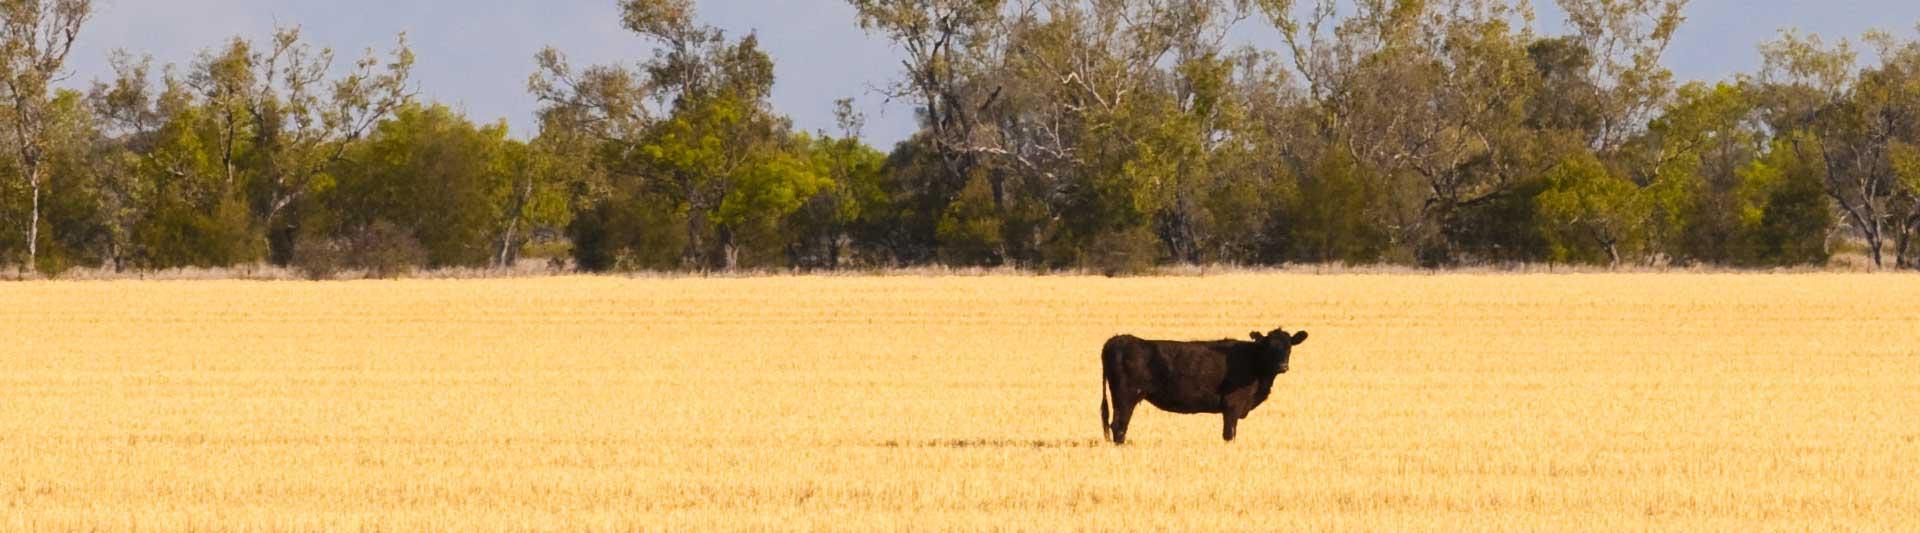 Bullock in field